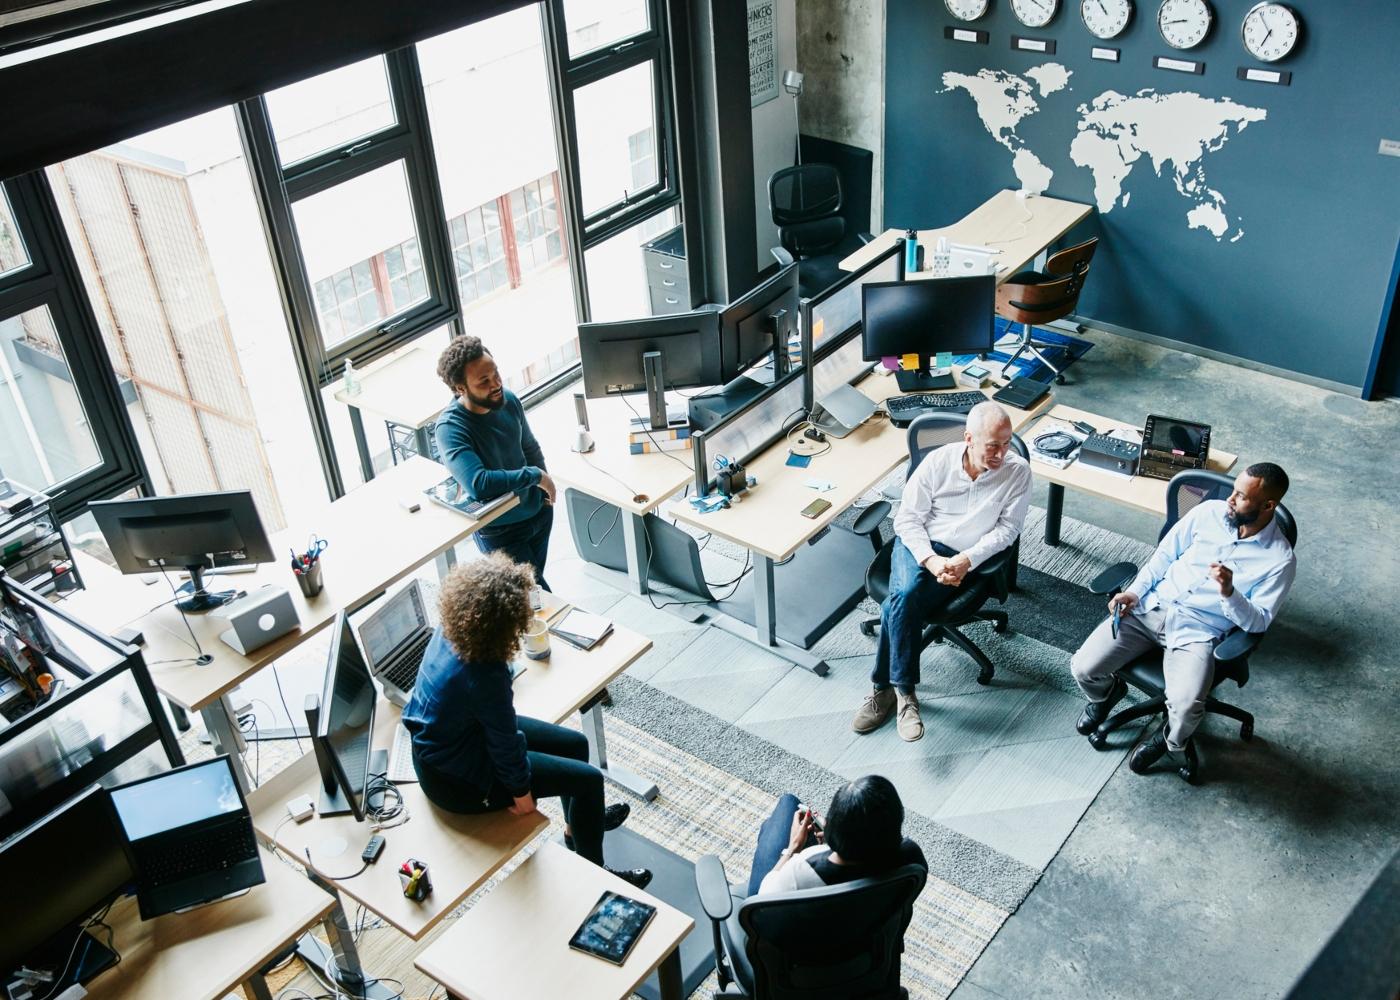 Equipa de trabalho no espaço da empresa